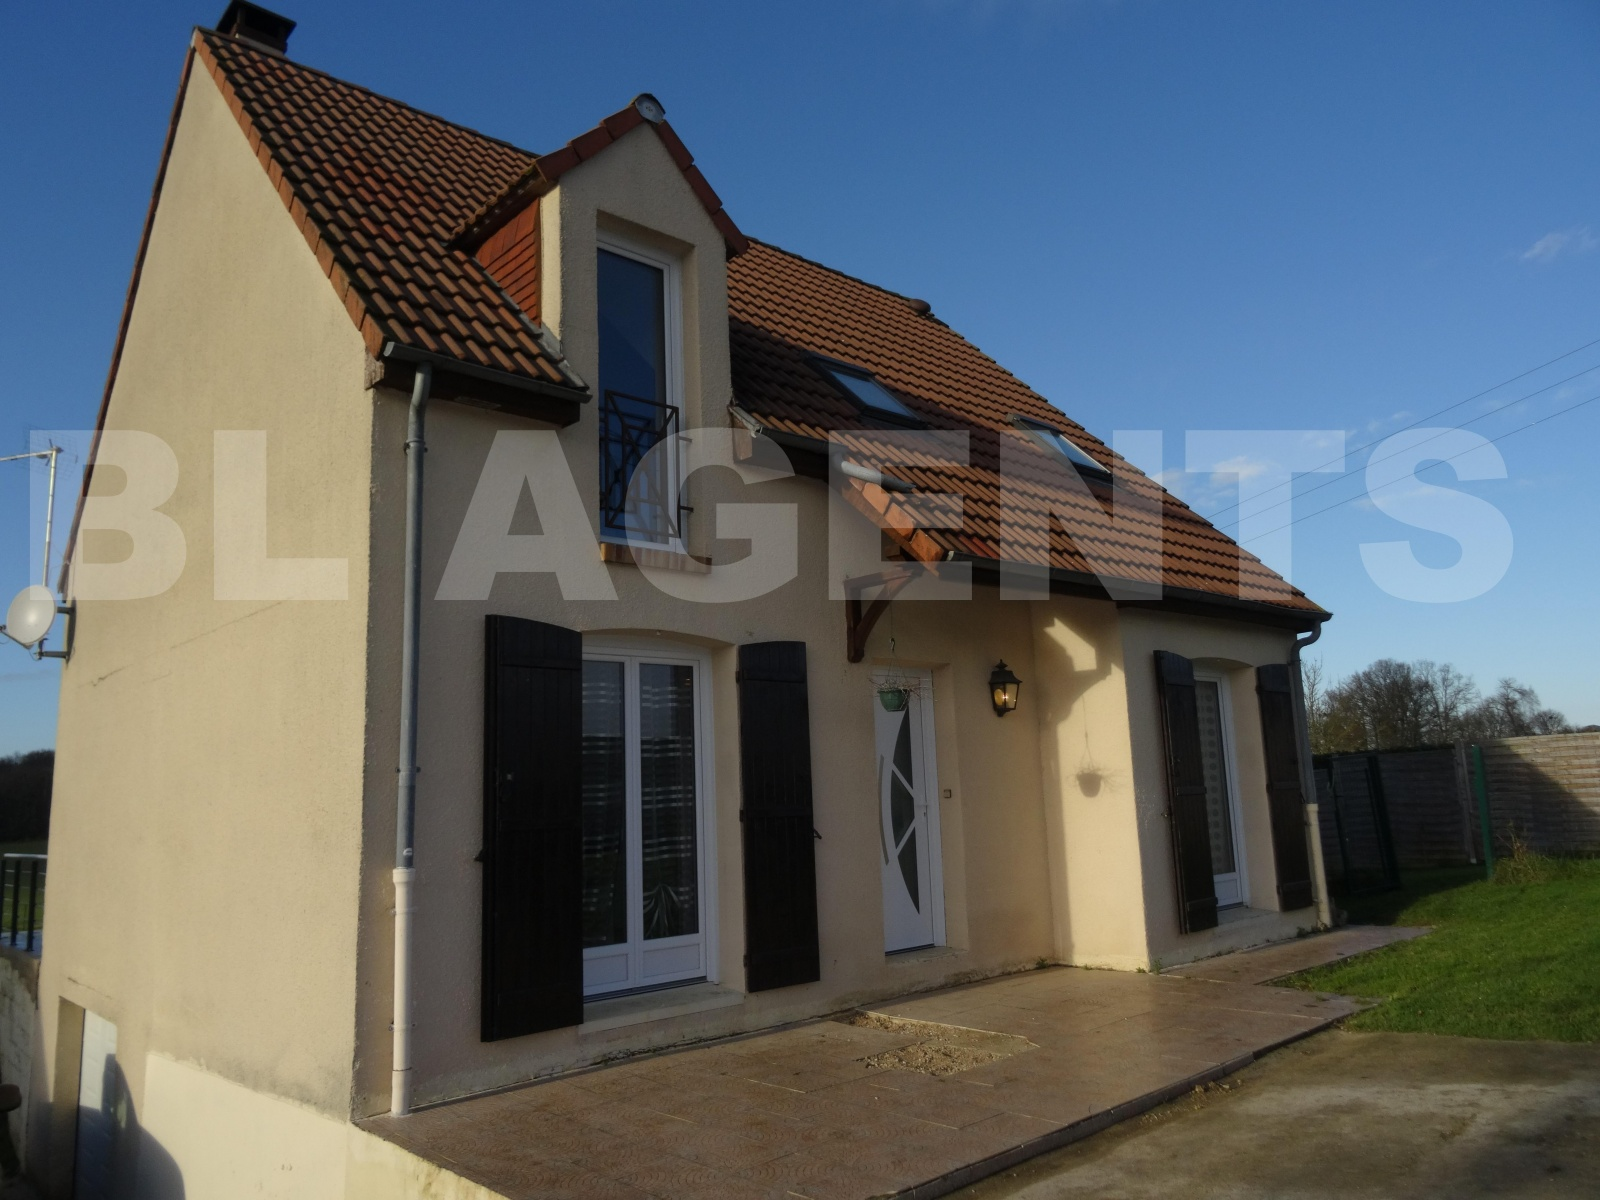 Annonce vente maison coulommiers 77120 106 m 239 000 for Assurance maison industrielle alliance